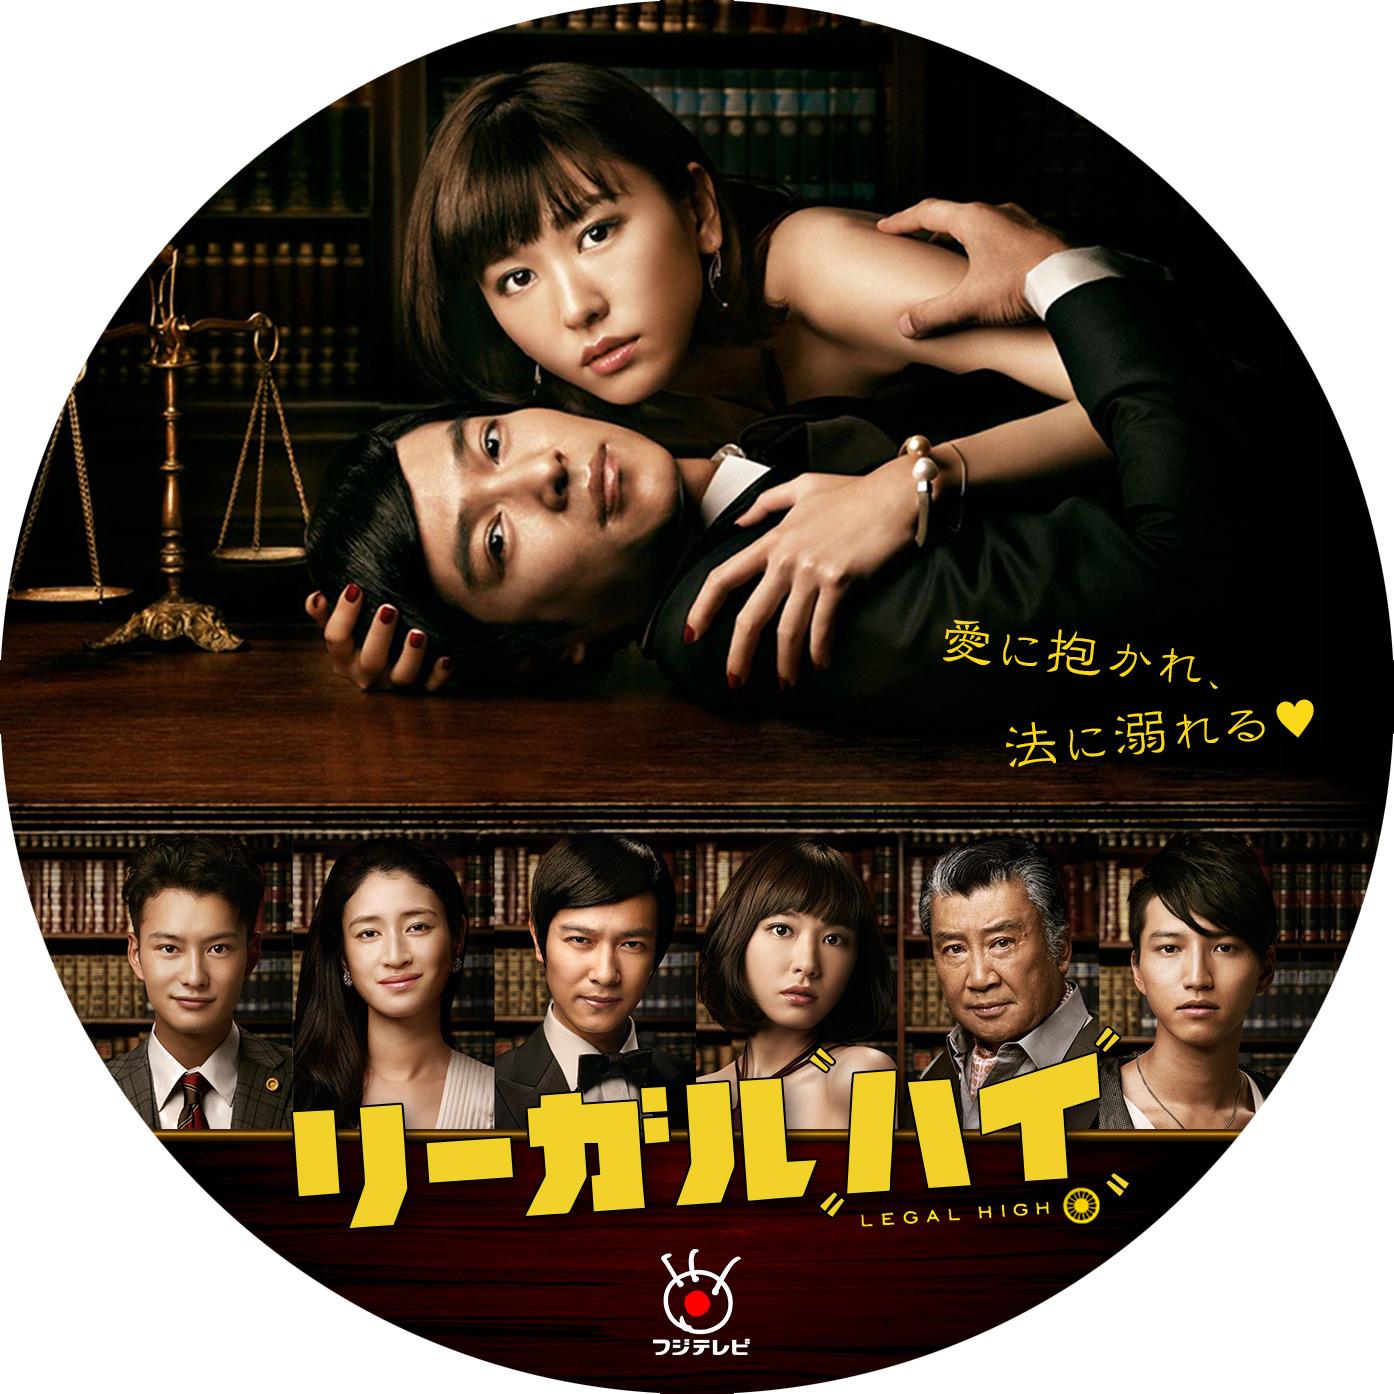 リーガルハイ シーズン2 DVDラベル